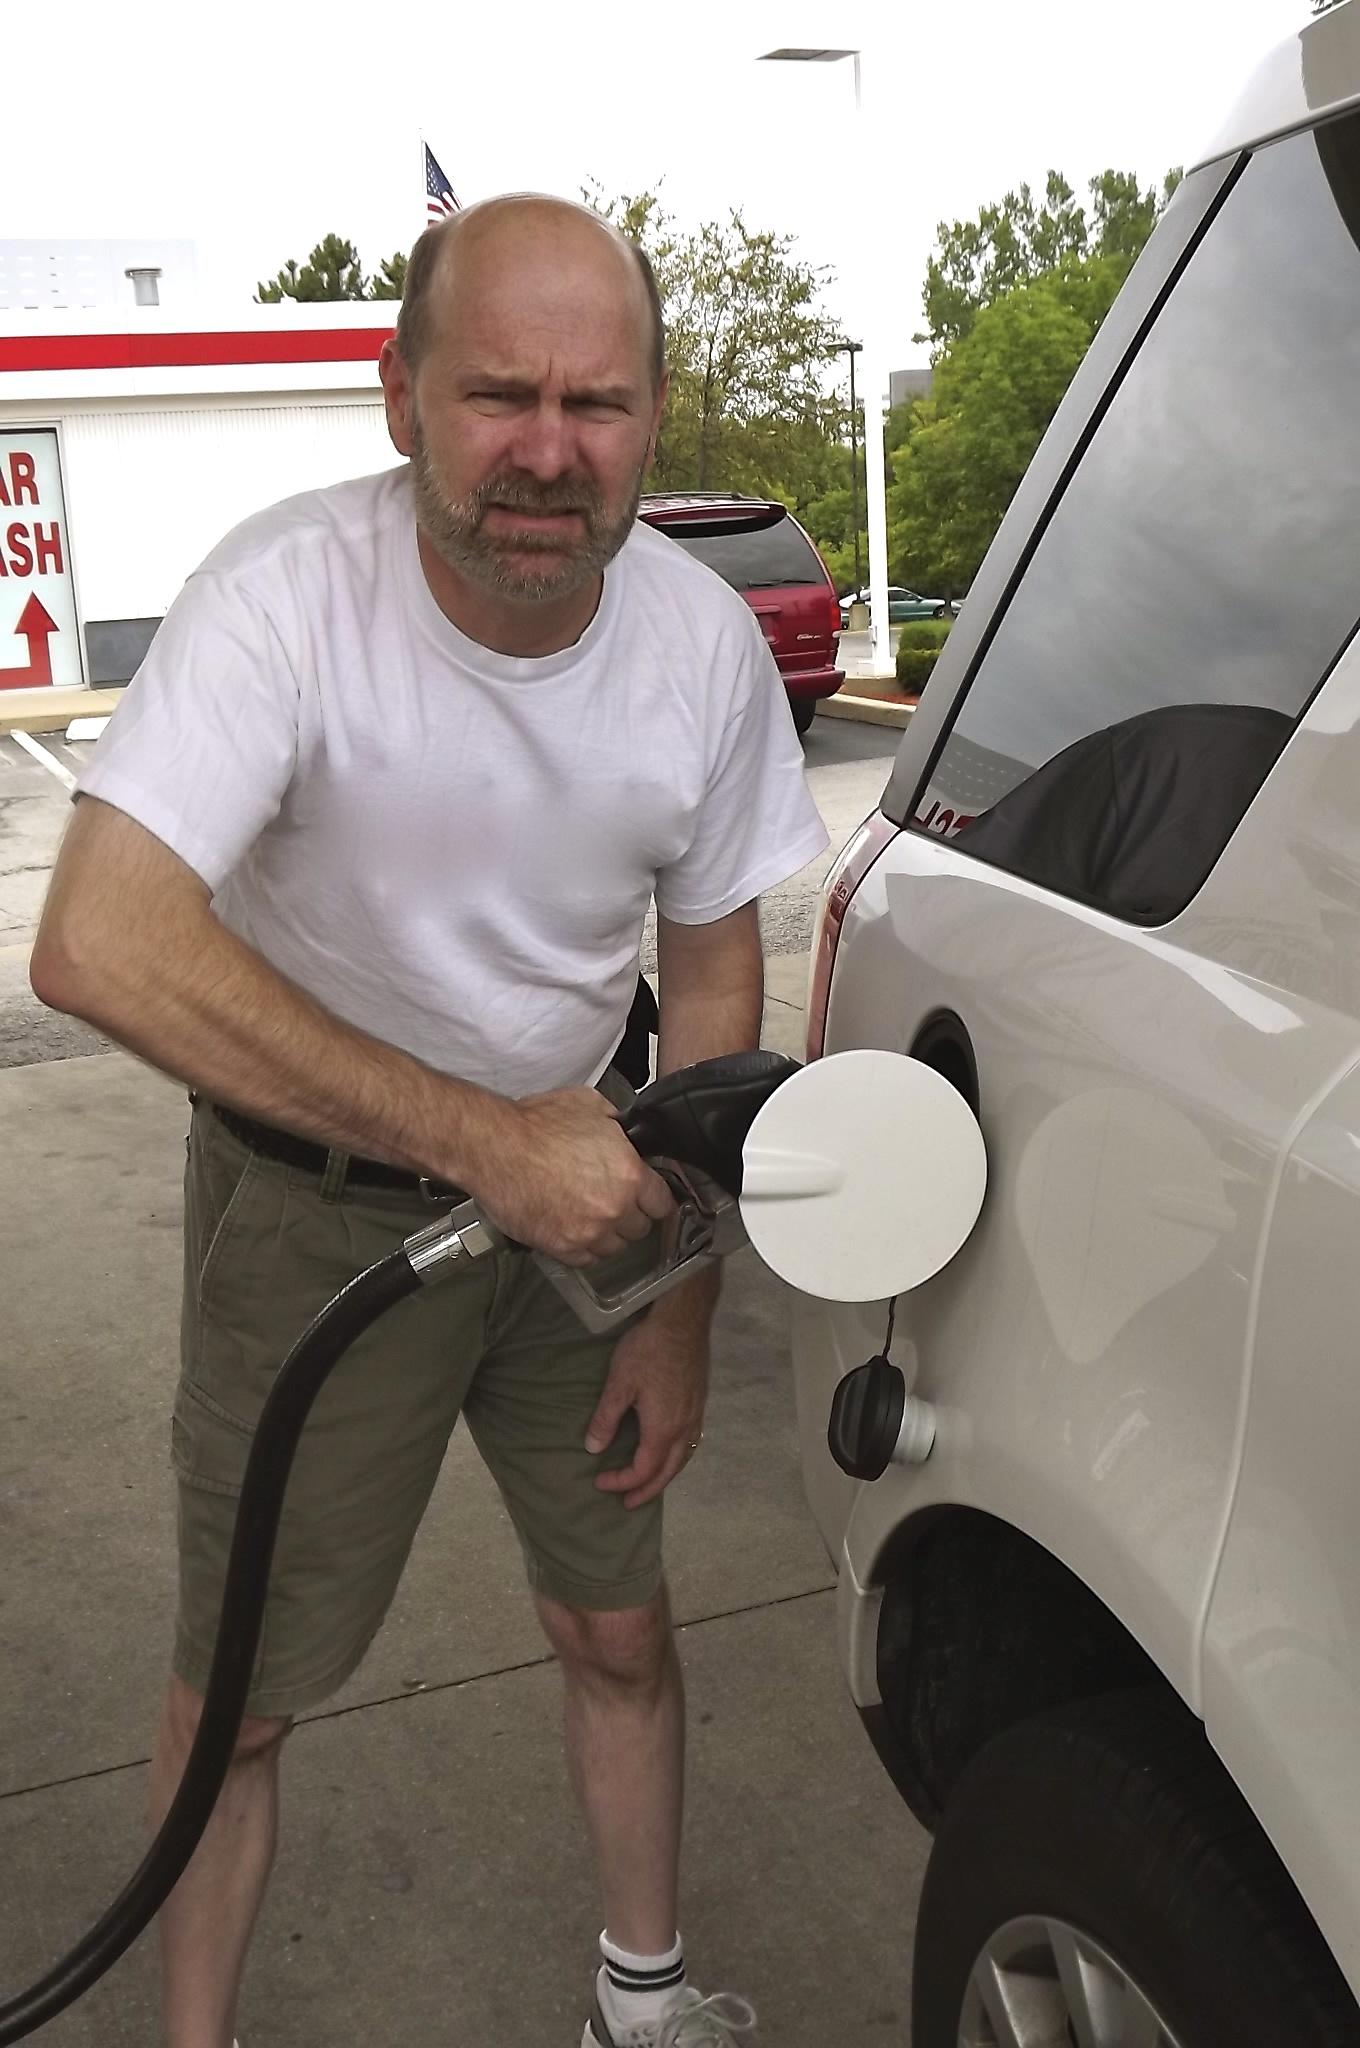 Mad at gas car